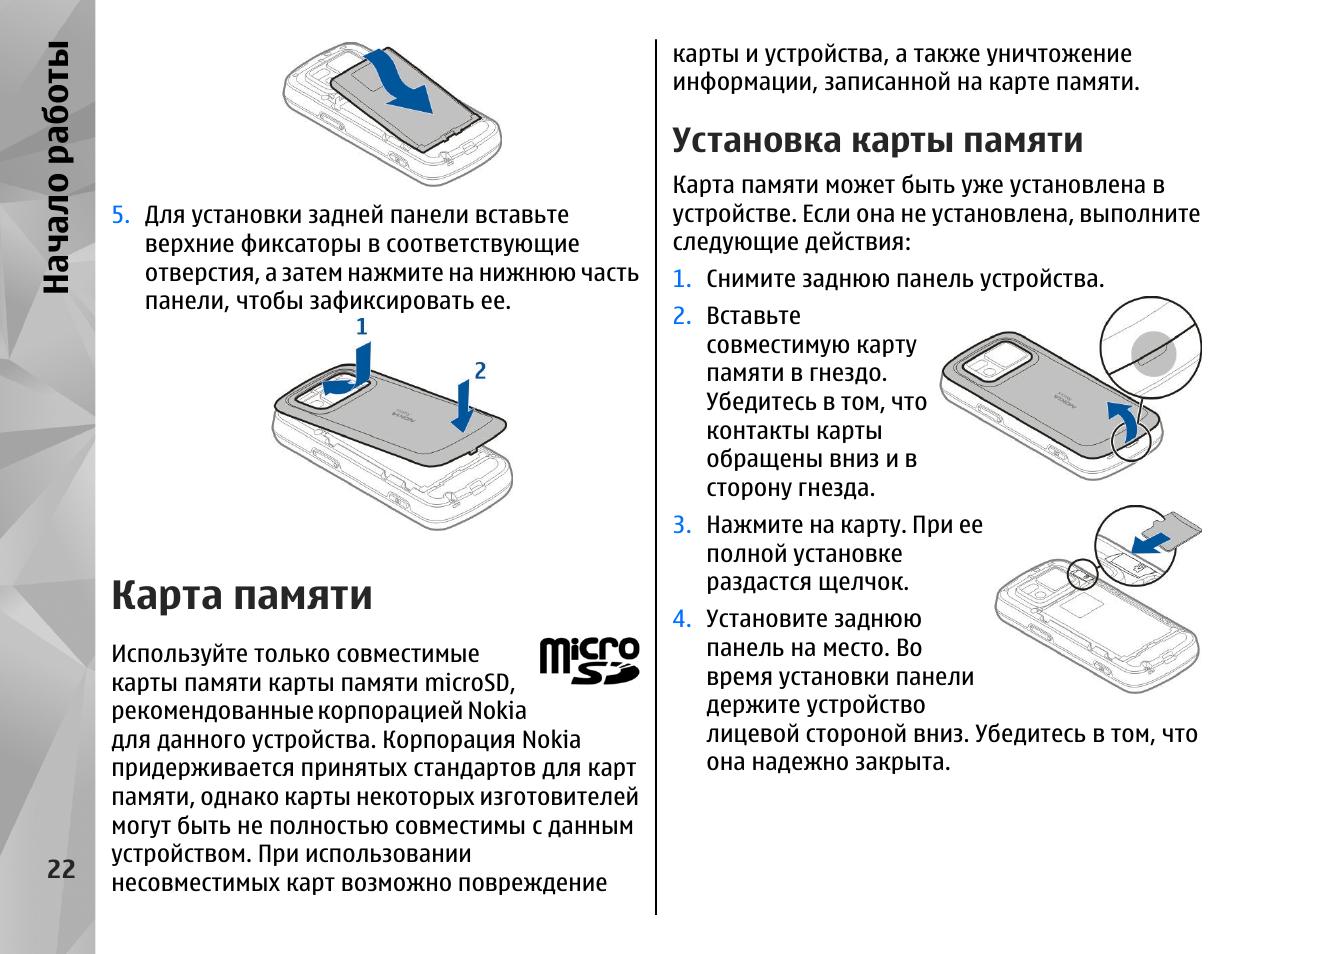 Карта памяти, Установка карты памяти, Начало работы Инструкция по эксплуатации Nokia N97 Страница 22 / 212